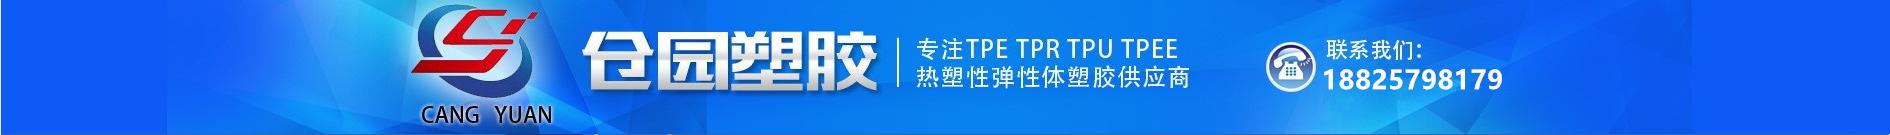 东莞市仓园塑胶原料有限公司